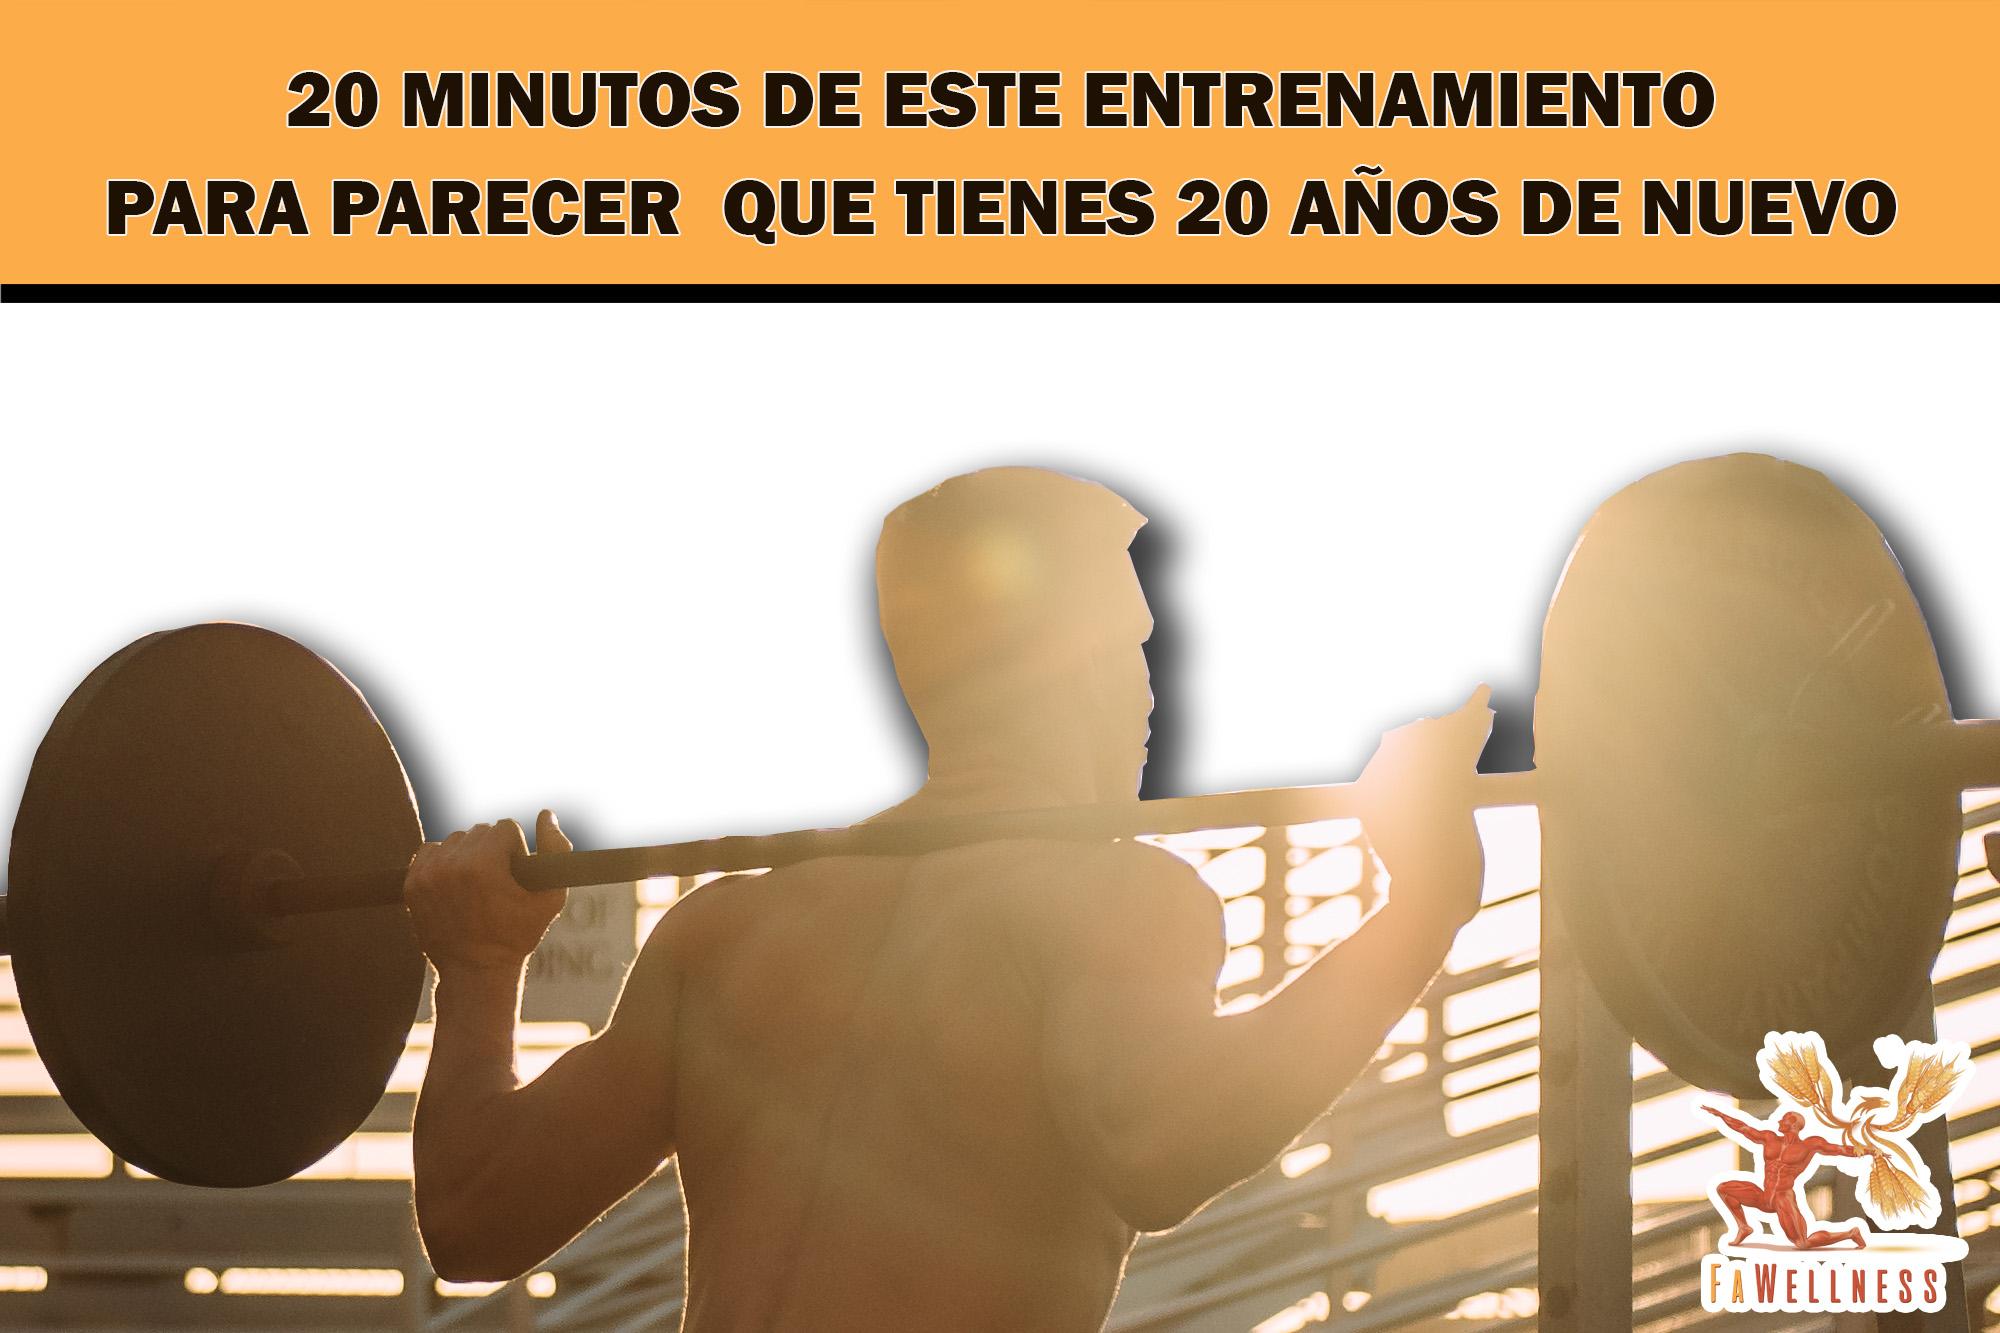 imagen blog FaWellness | 20 MINUTOS DE ESTE ENTRENAMIENTO PARA PARECER QUE TIENES 20 AÑOS DE NUEVO